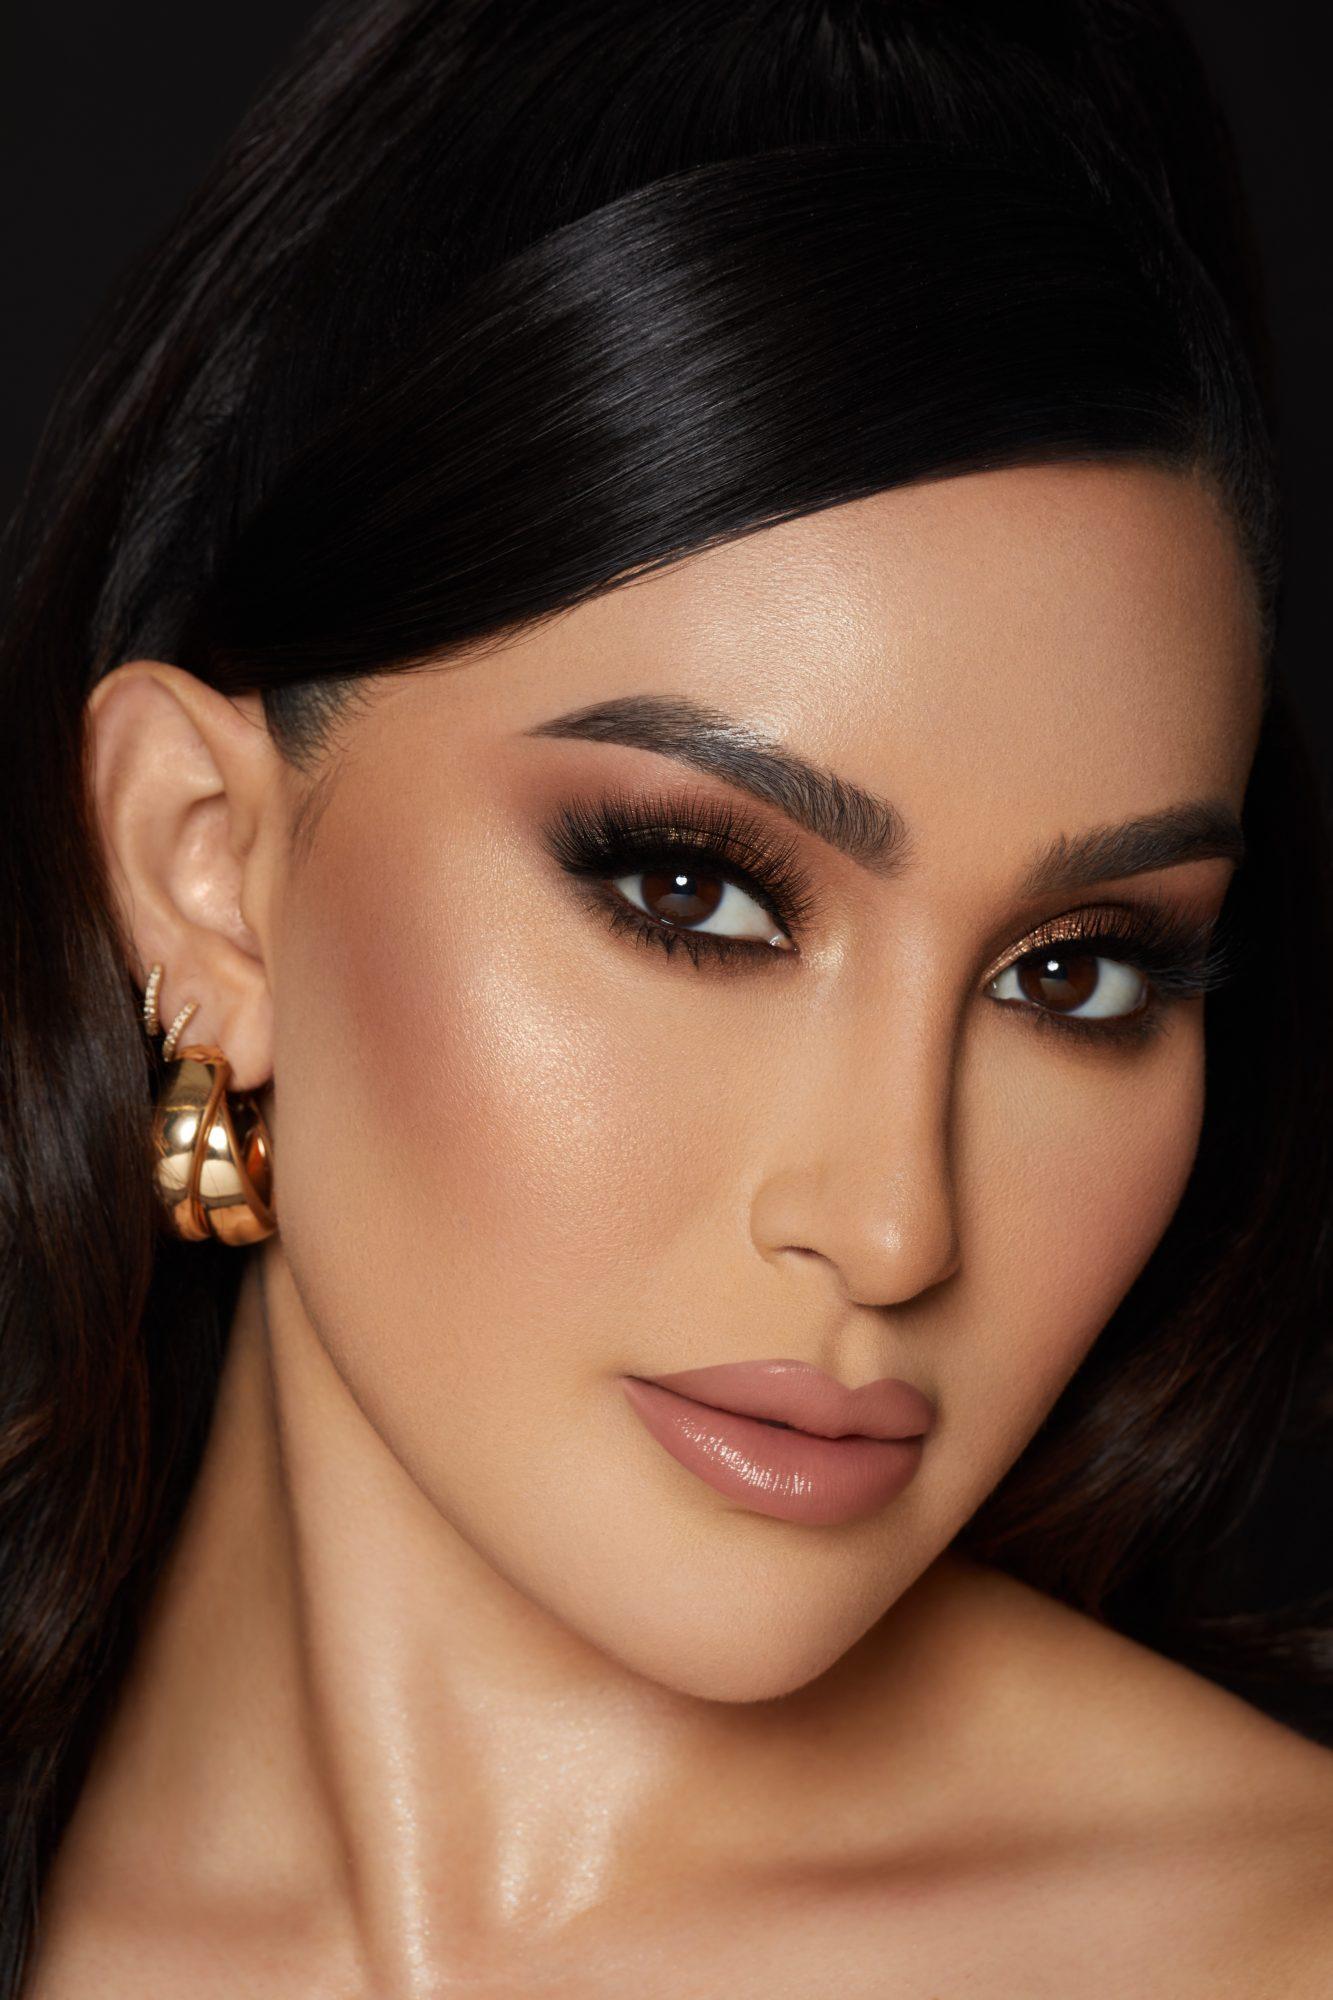 Yasmin Aguilar Chica